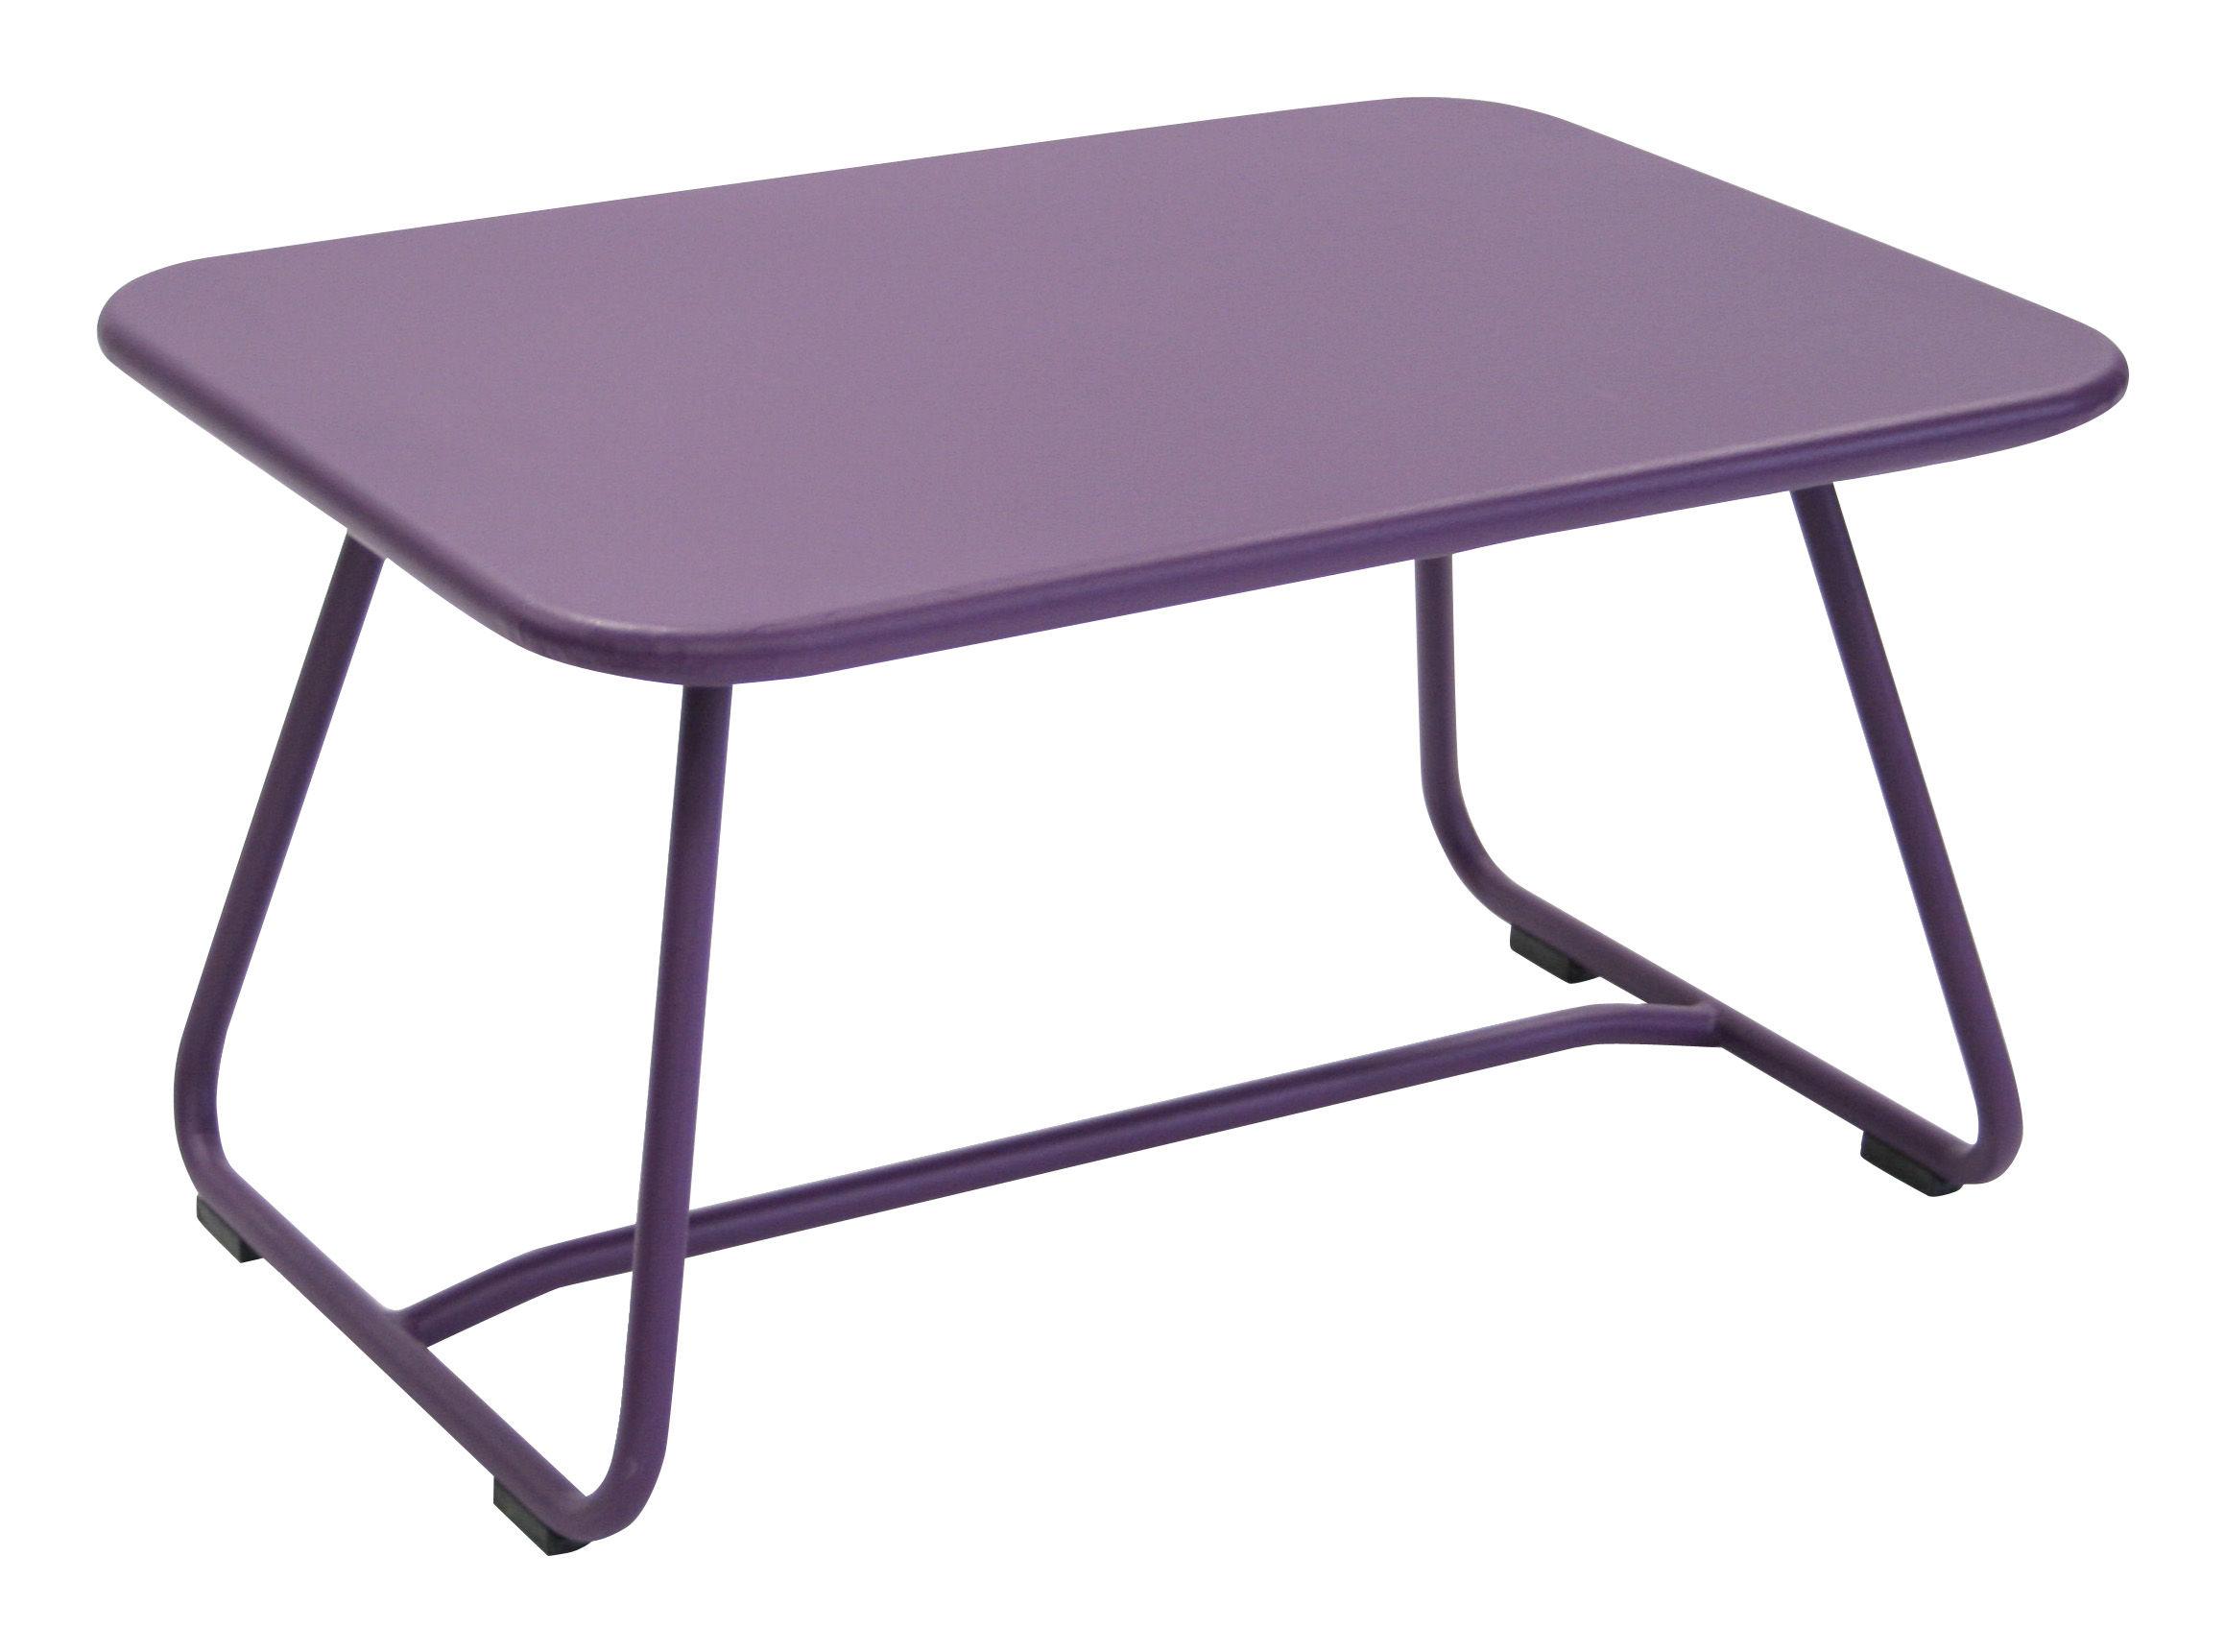 Mobilier - Tables basses - Table basse Sixties / Acier - 75 x 55 cm - Fermob - Aubergine - Acier laqué